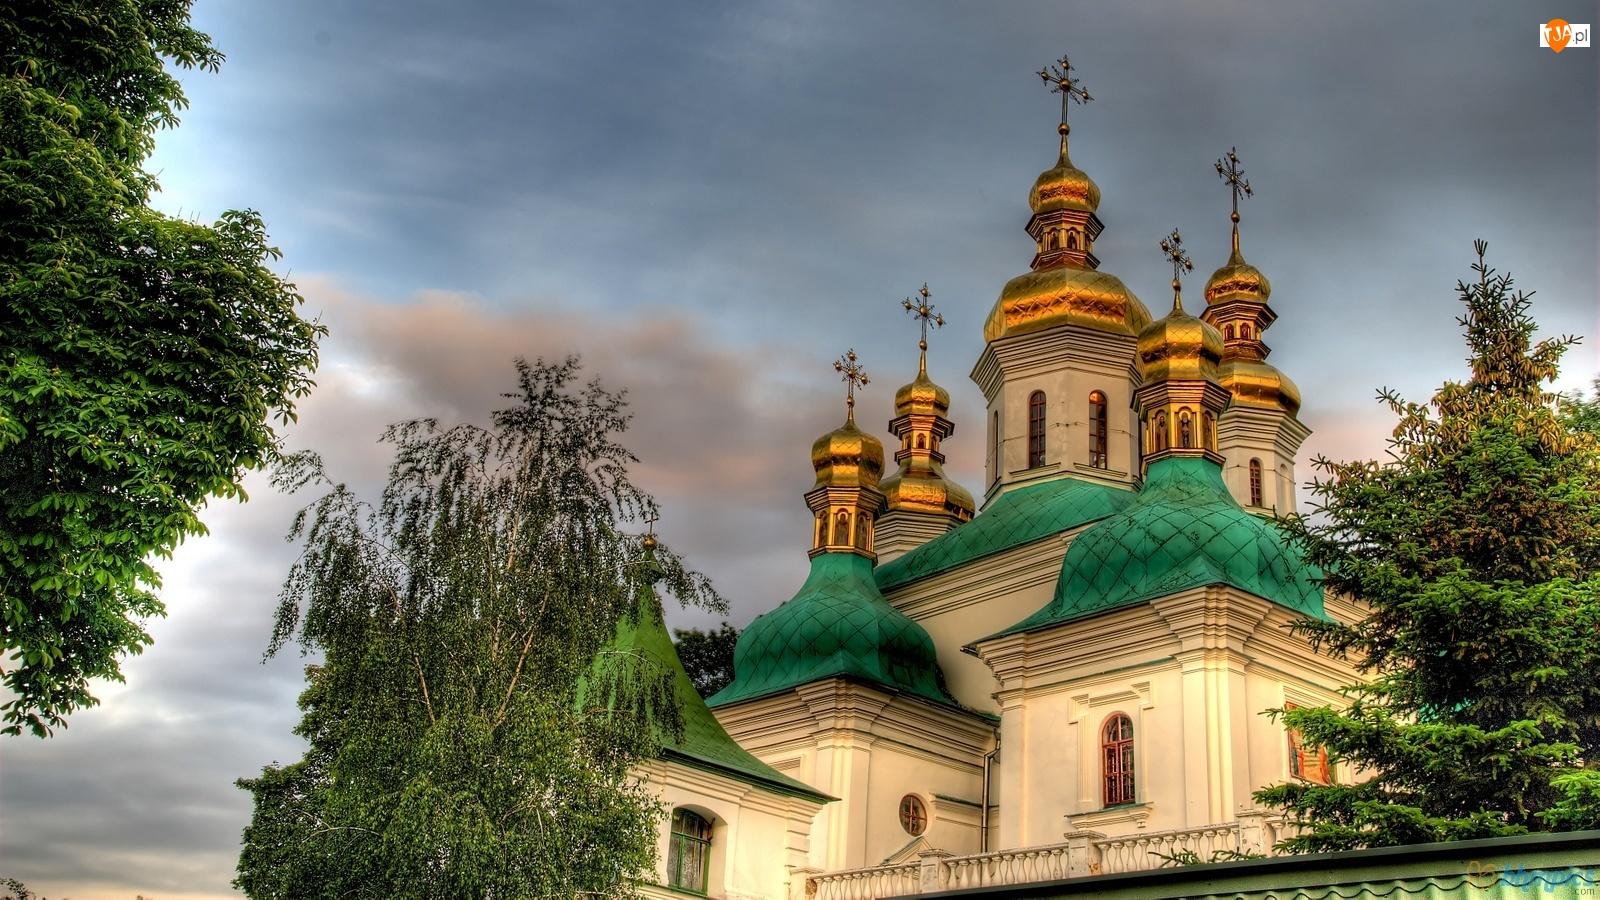 Drzewa Cerkiew, Kijów, Cerkiew